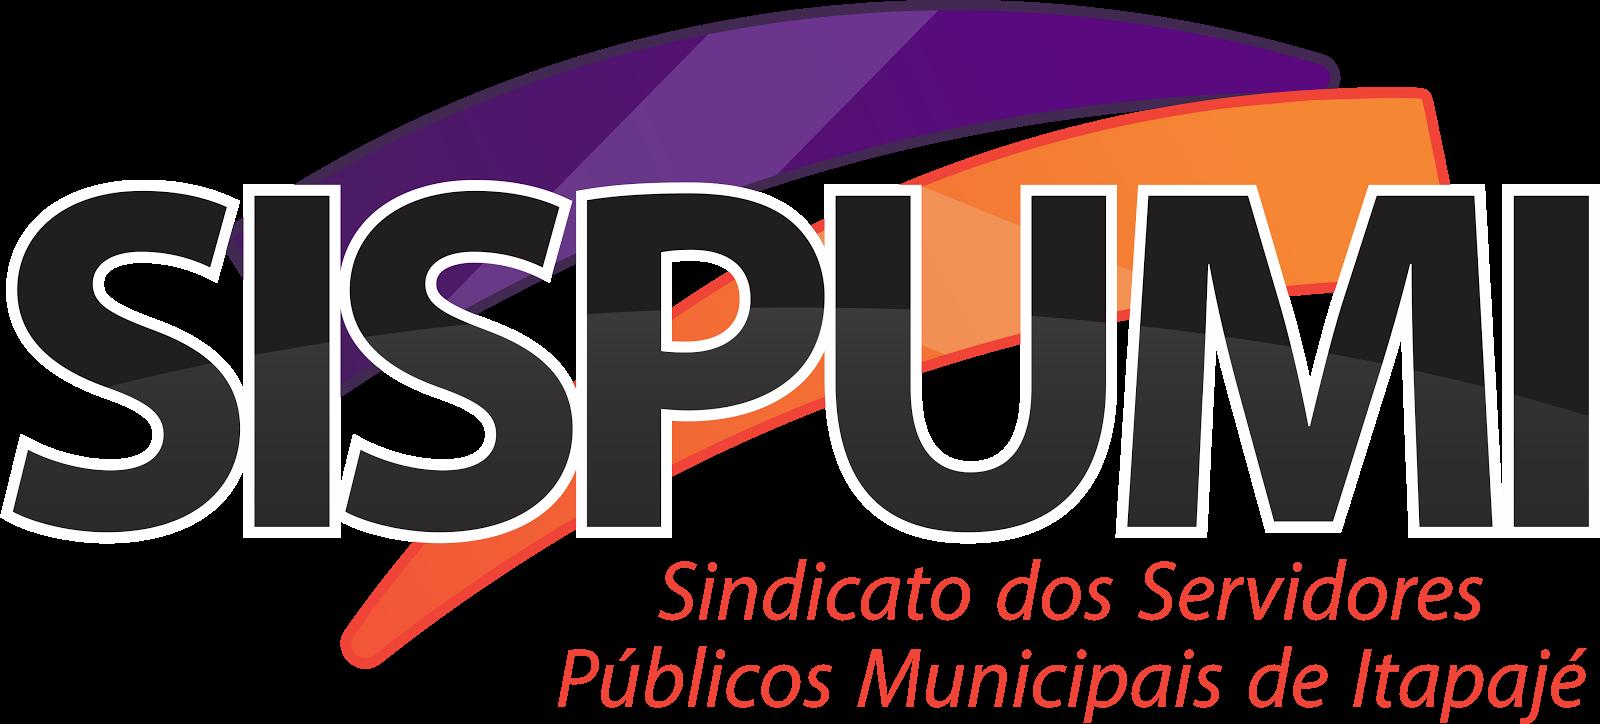 SISPUMI - Sindicato dos Servidores Públicos Municipais de Itapajé